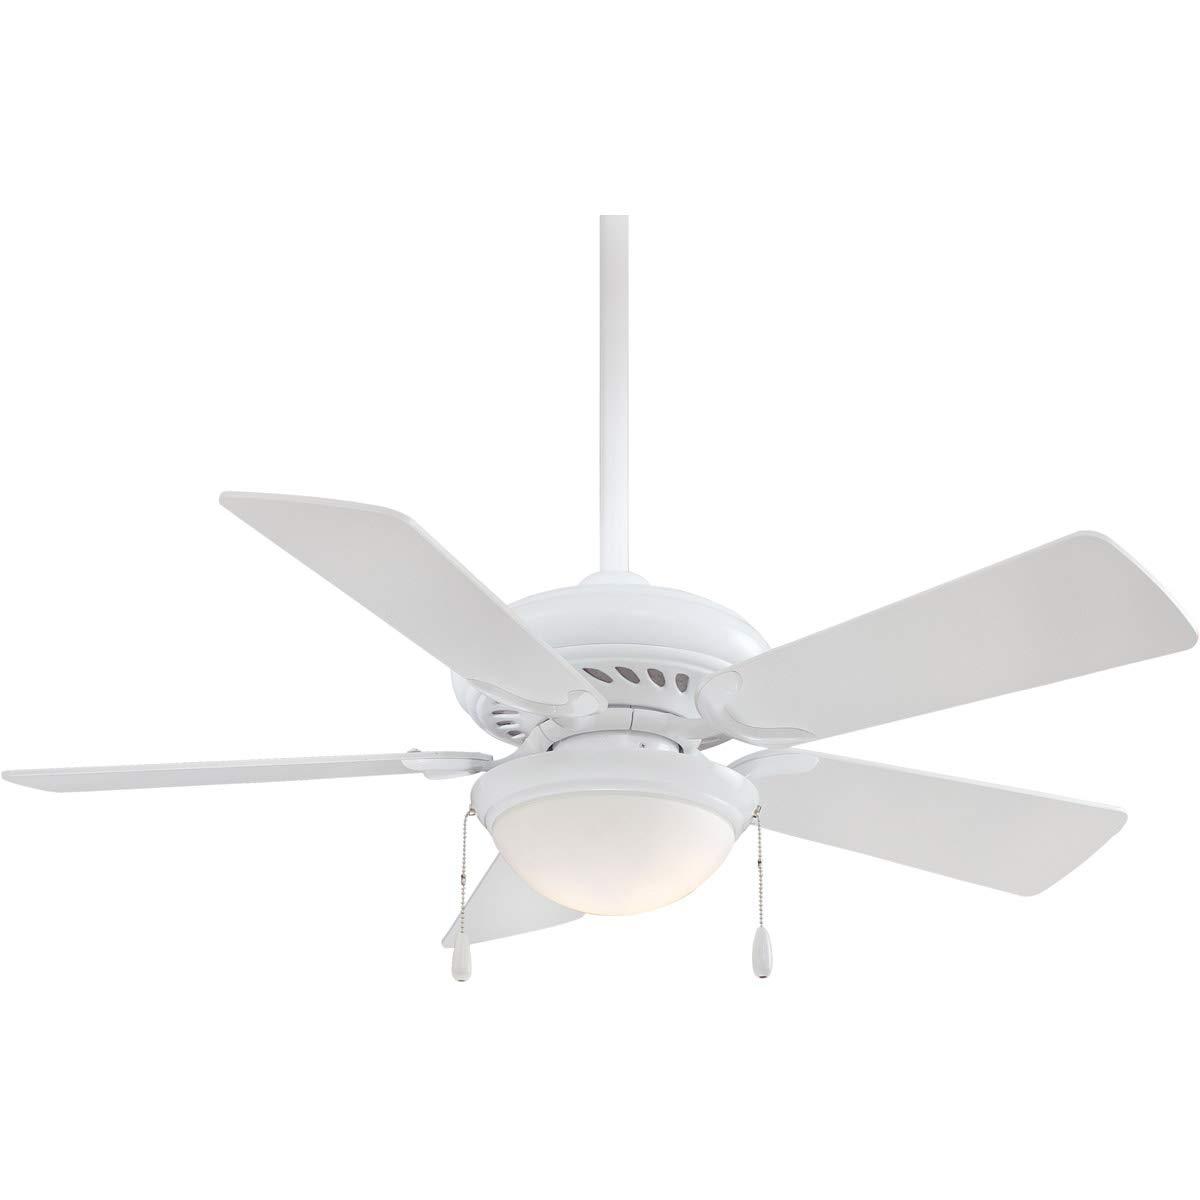 Supra - Ventilador de techo con 5 aspas (111,7 cm), color blanco ...